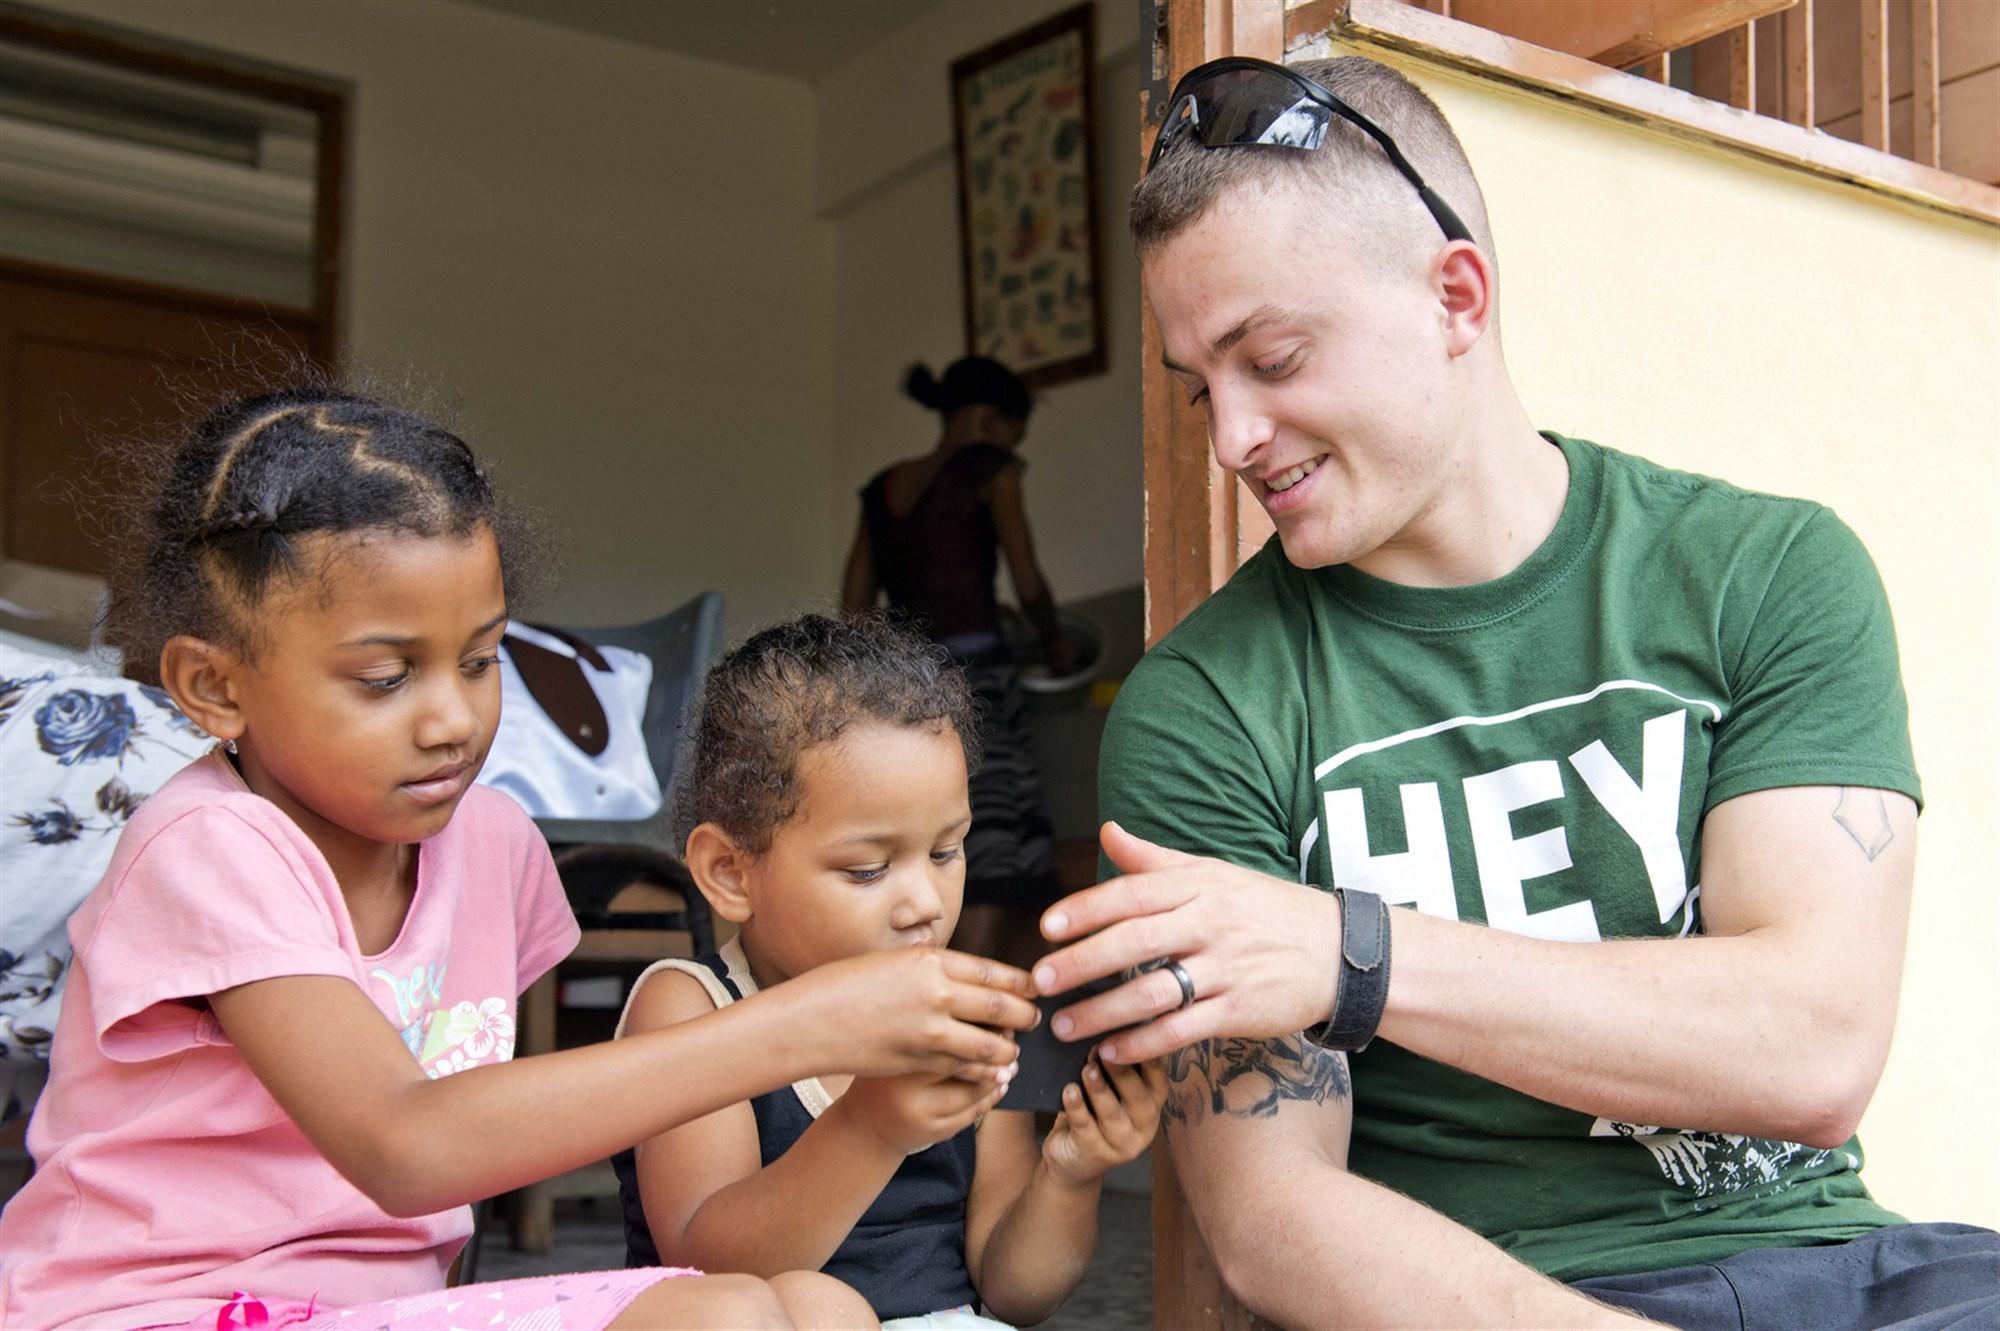 carter-hall-volunteers-at-school-in-seychelles.jpg